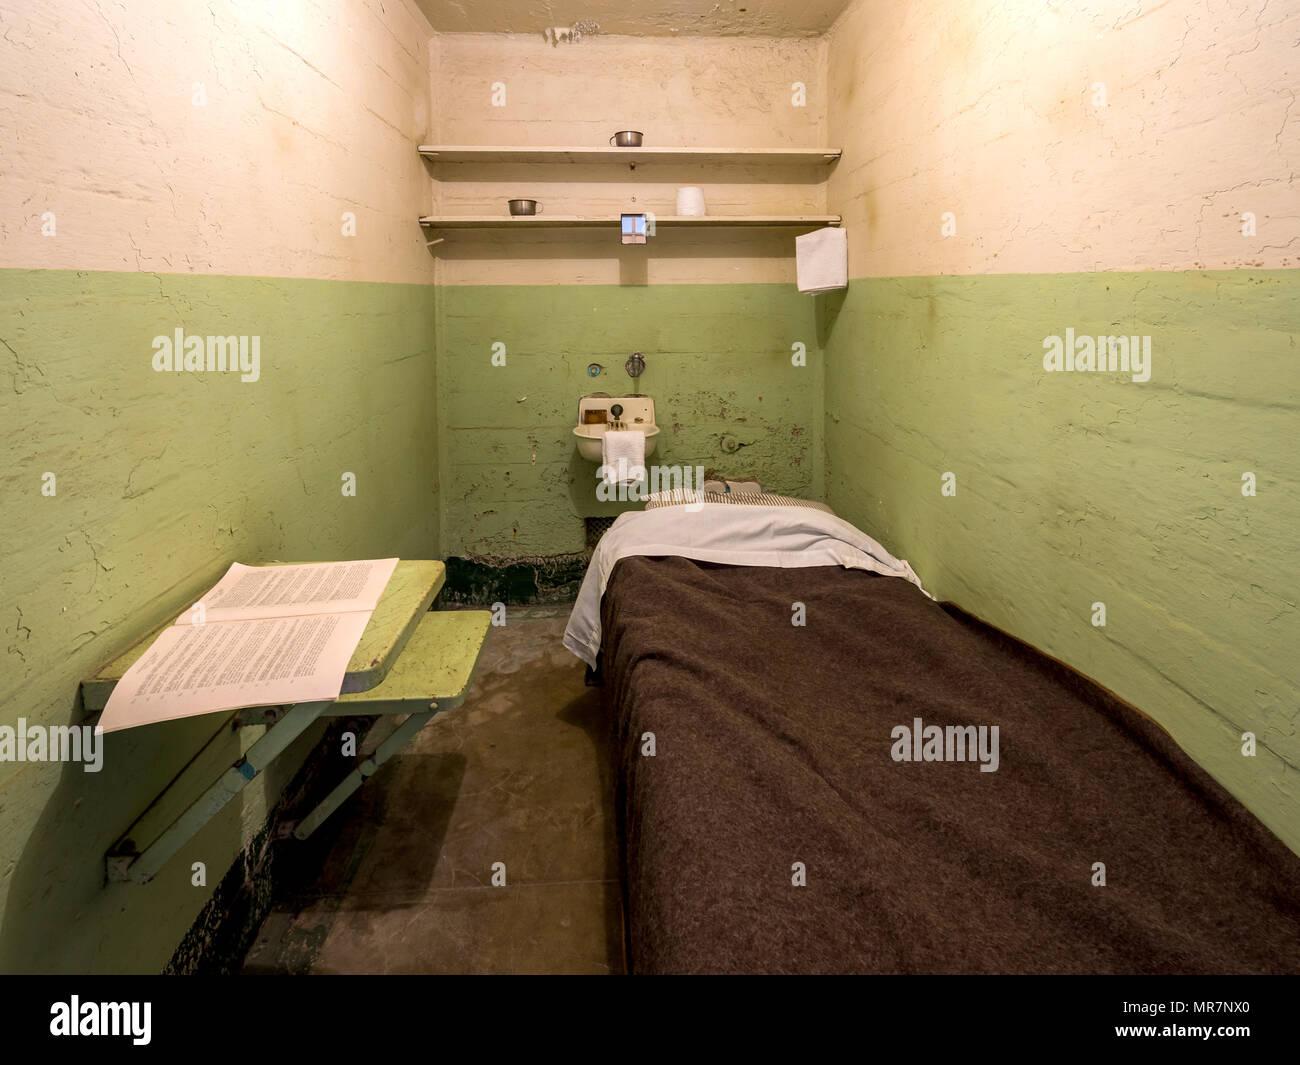 Cell in Alcatraz prison, San Francisco, CA, USA. - Stock Image